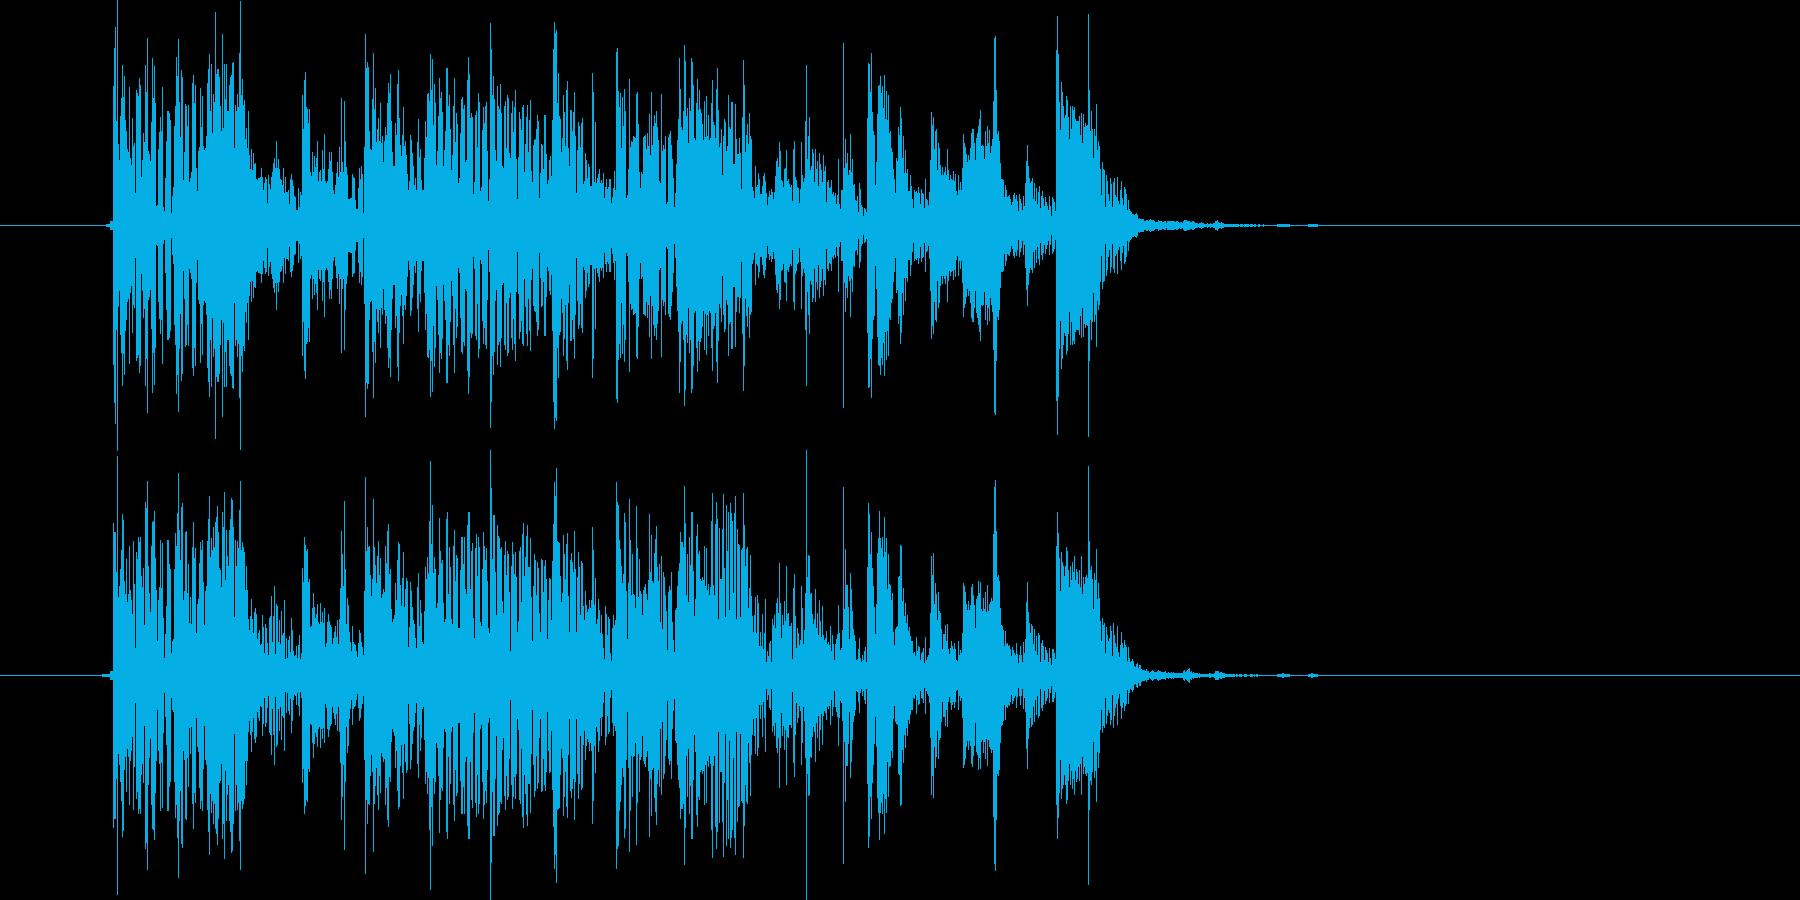 ドキドキ感あるビートシンセジングルの再生済みの波形